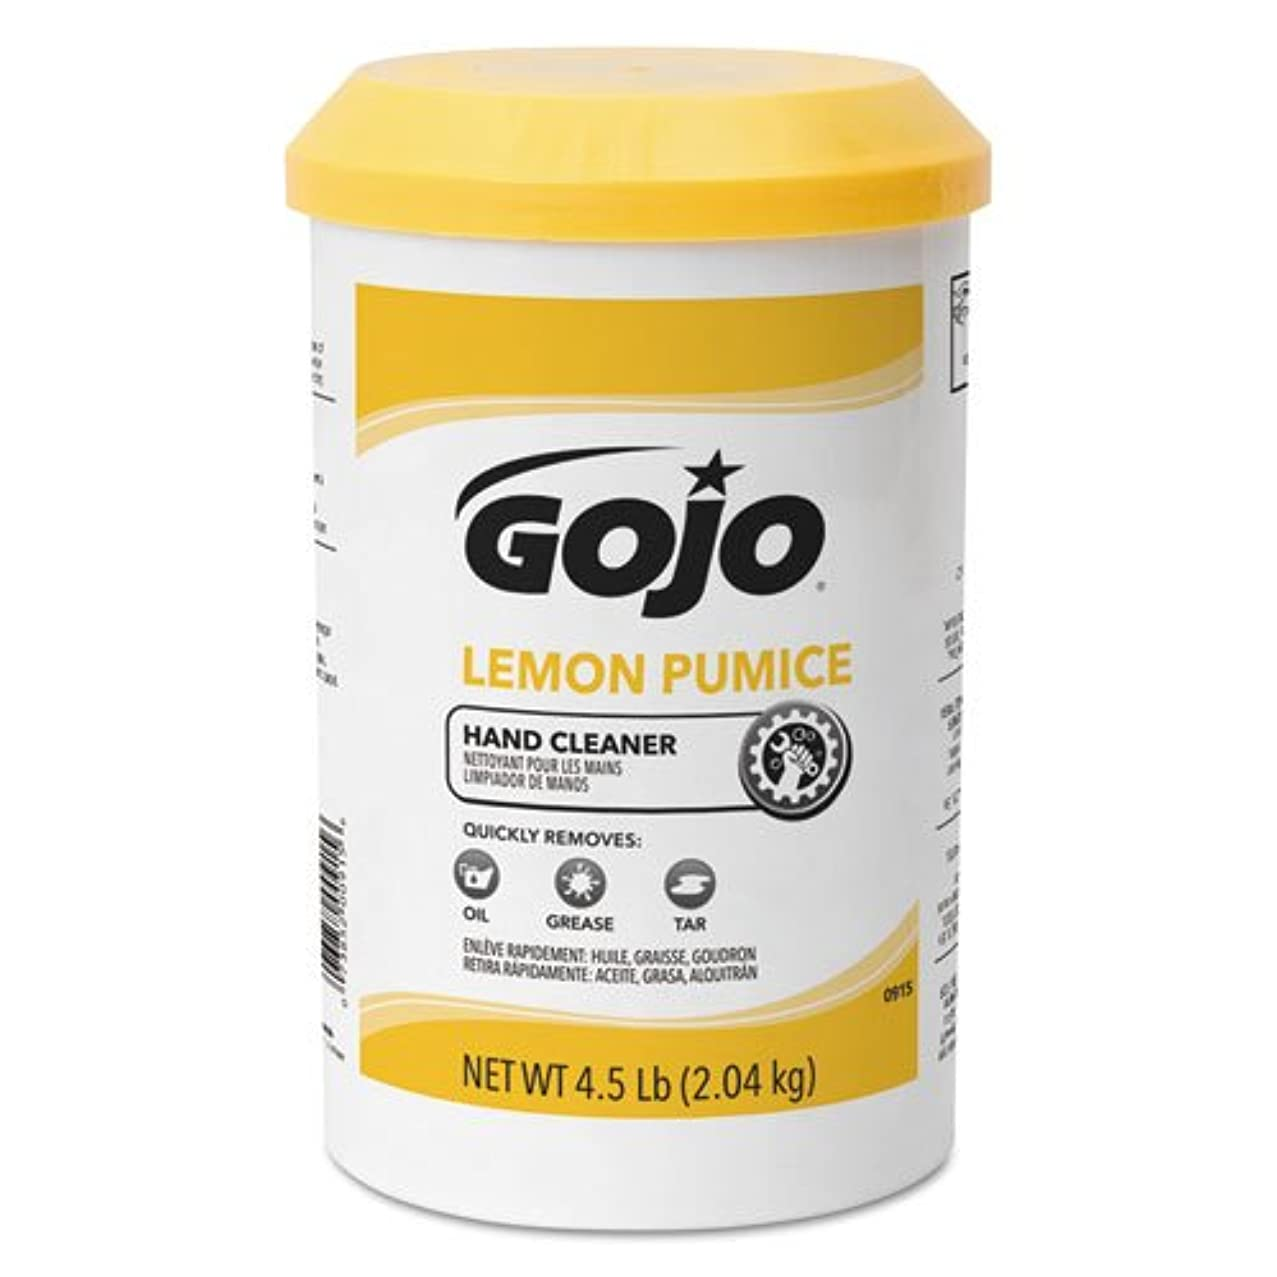 剥離結婚した羽Gojo レモンプーミス ハンドクリーナー レモンの香り 4.5ポンド GOJ0915